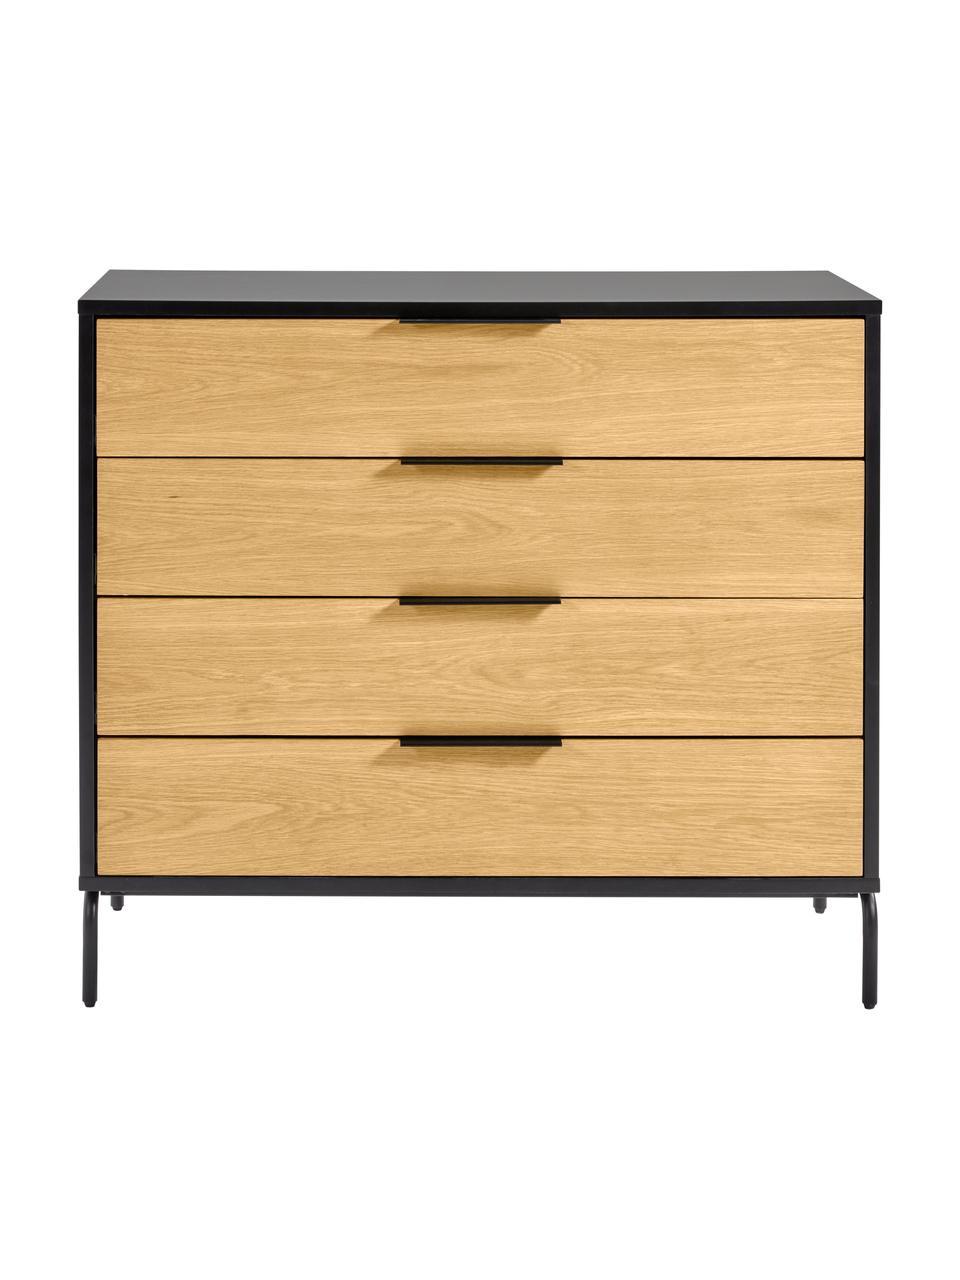 Szafka z szufladami Stellar, Korpus: płyta pilśniowa średniej , Czarny, drewno dębowe, S 100 x W 90 cm